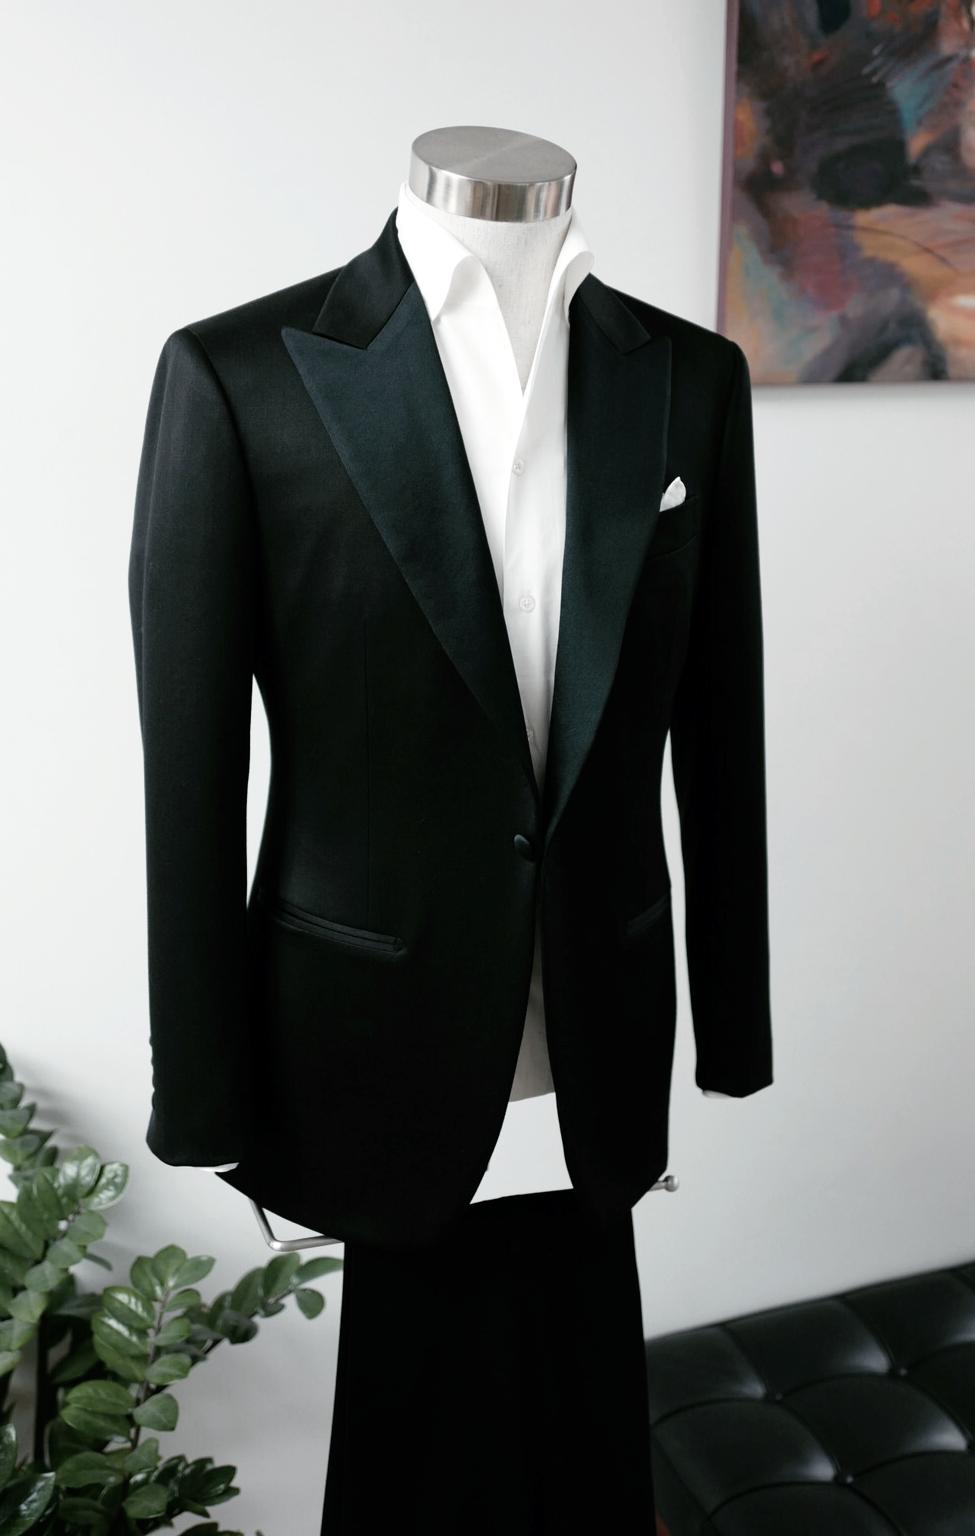 Bespoke Evening Wear / Tuxedo